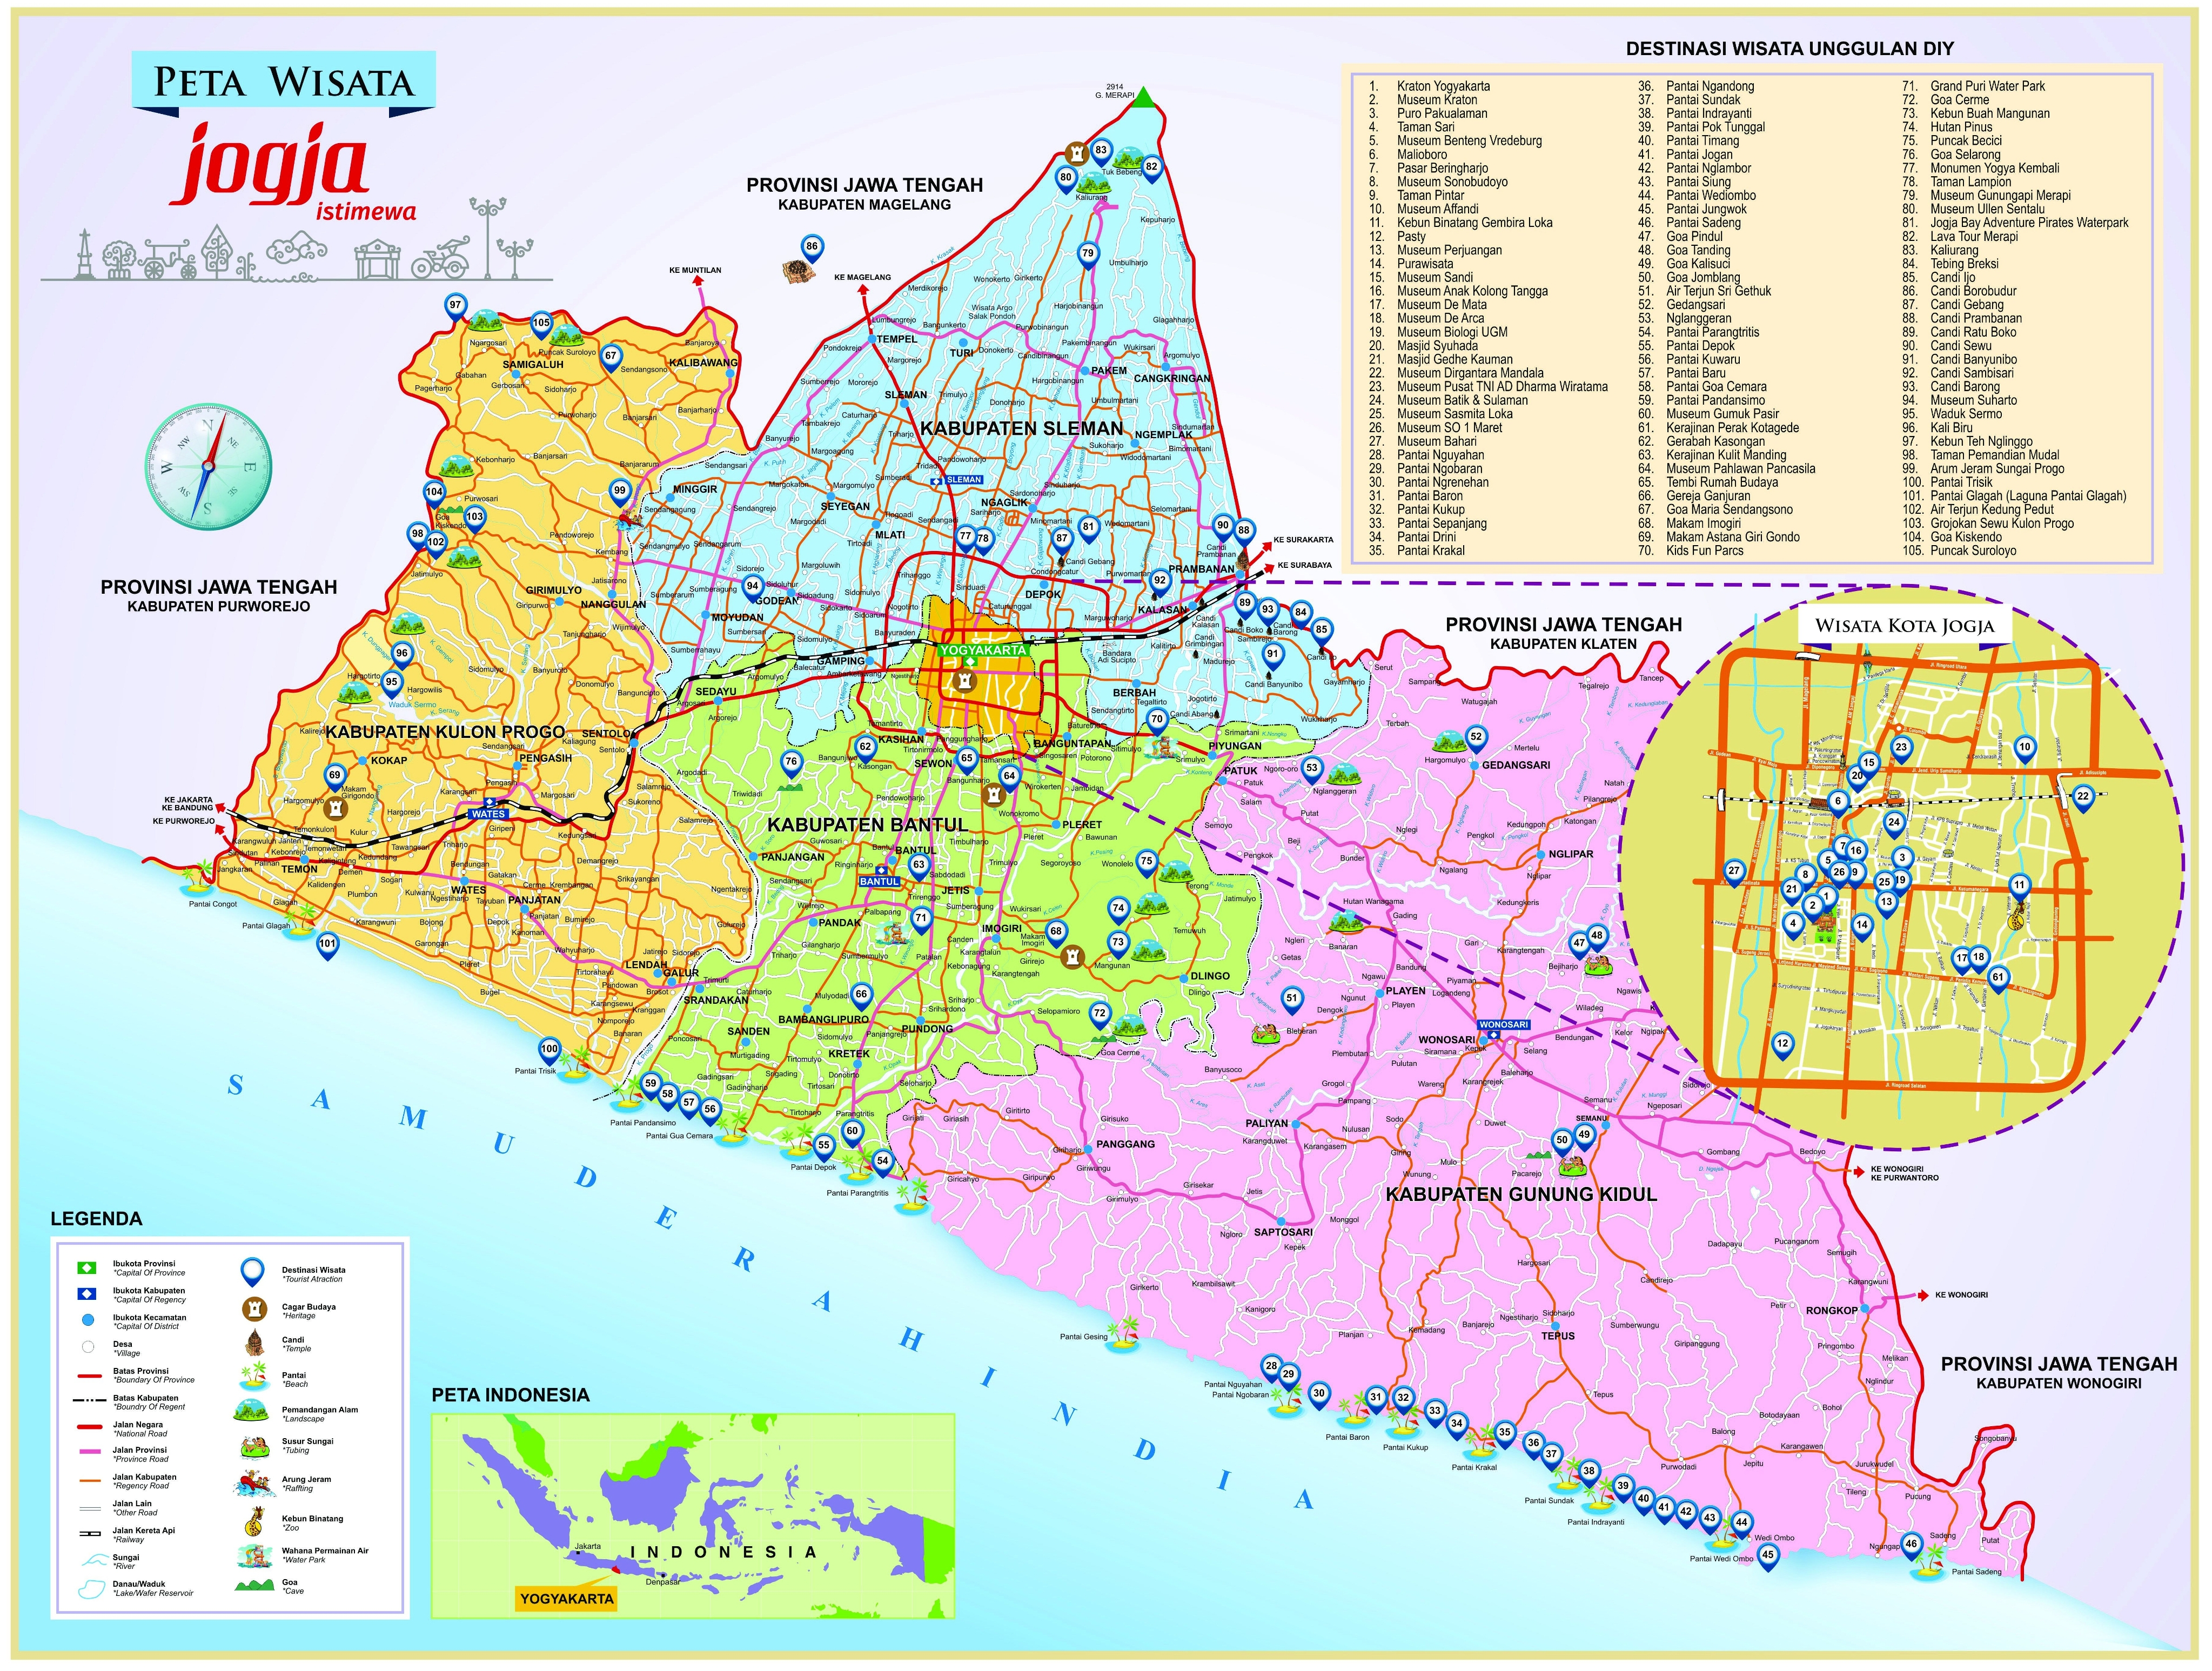 Peta Wisata Yogyakarta Lengkap